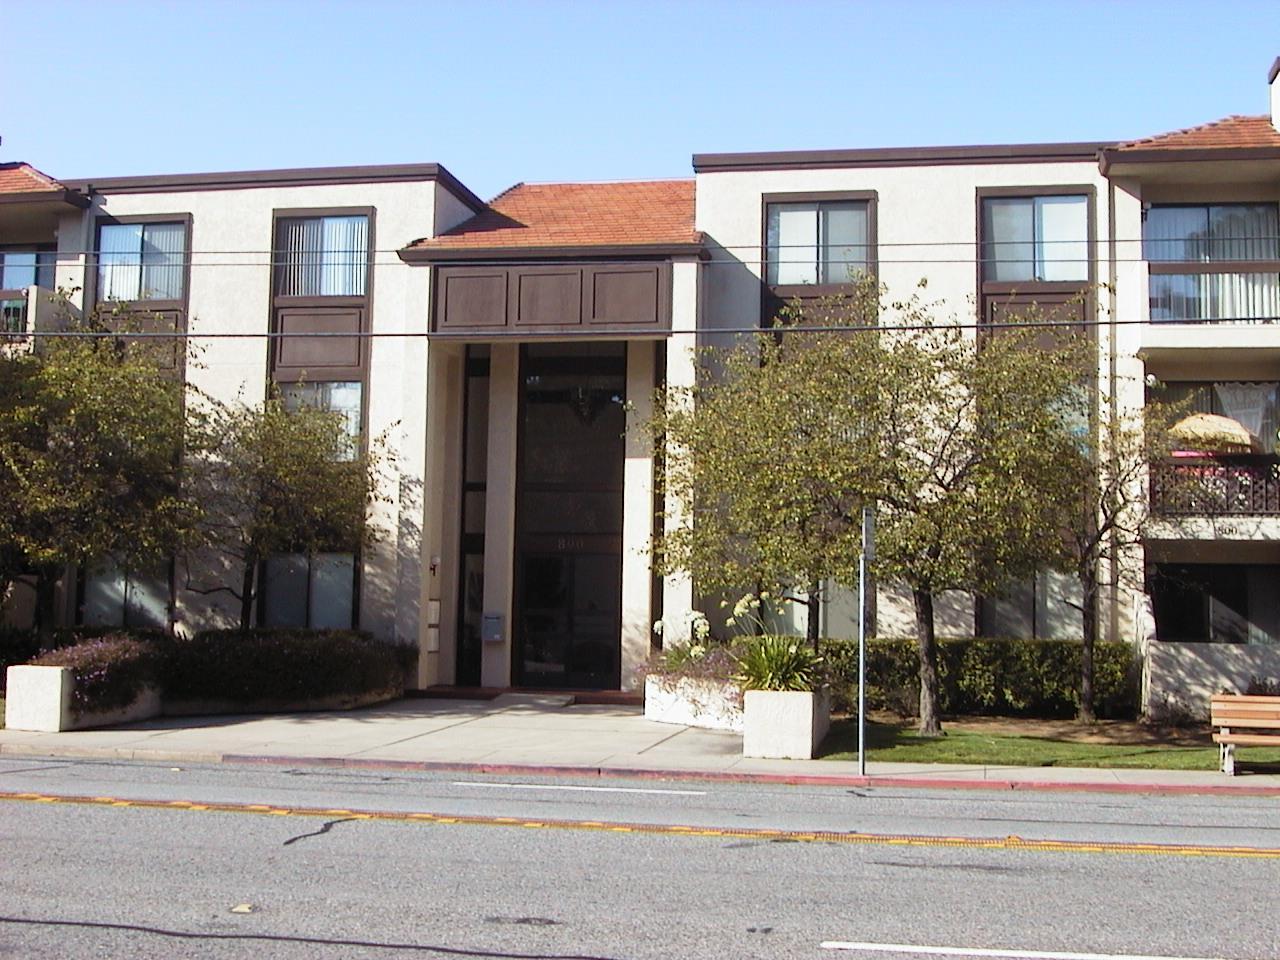 800 N N El Camino Real #APT 206, San Mateo, CA